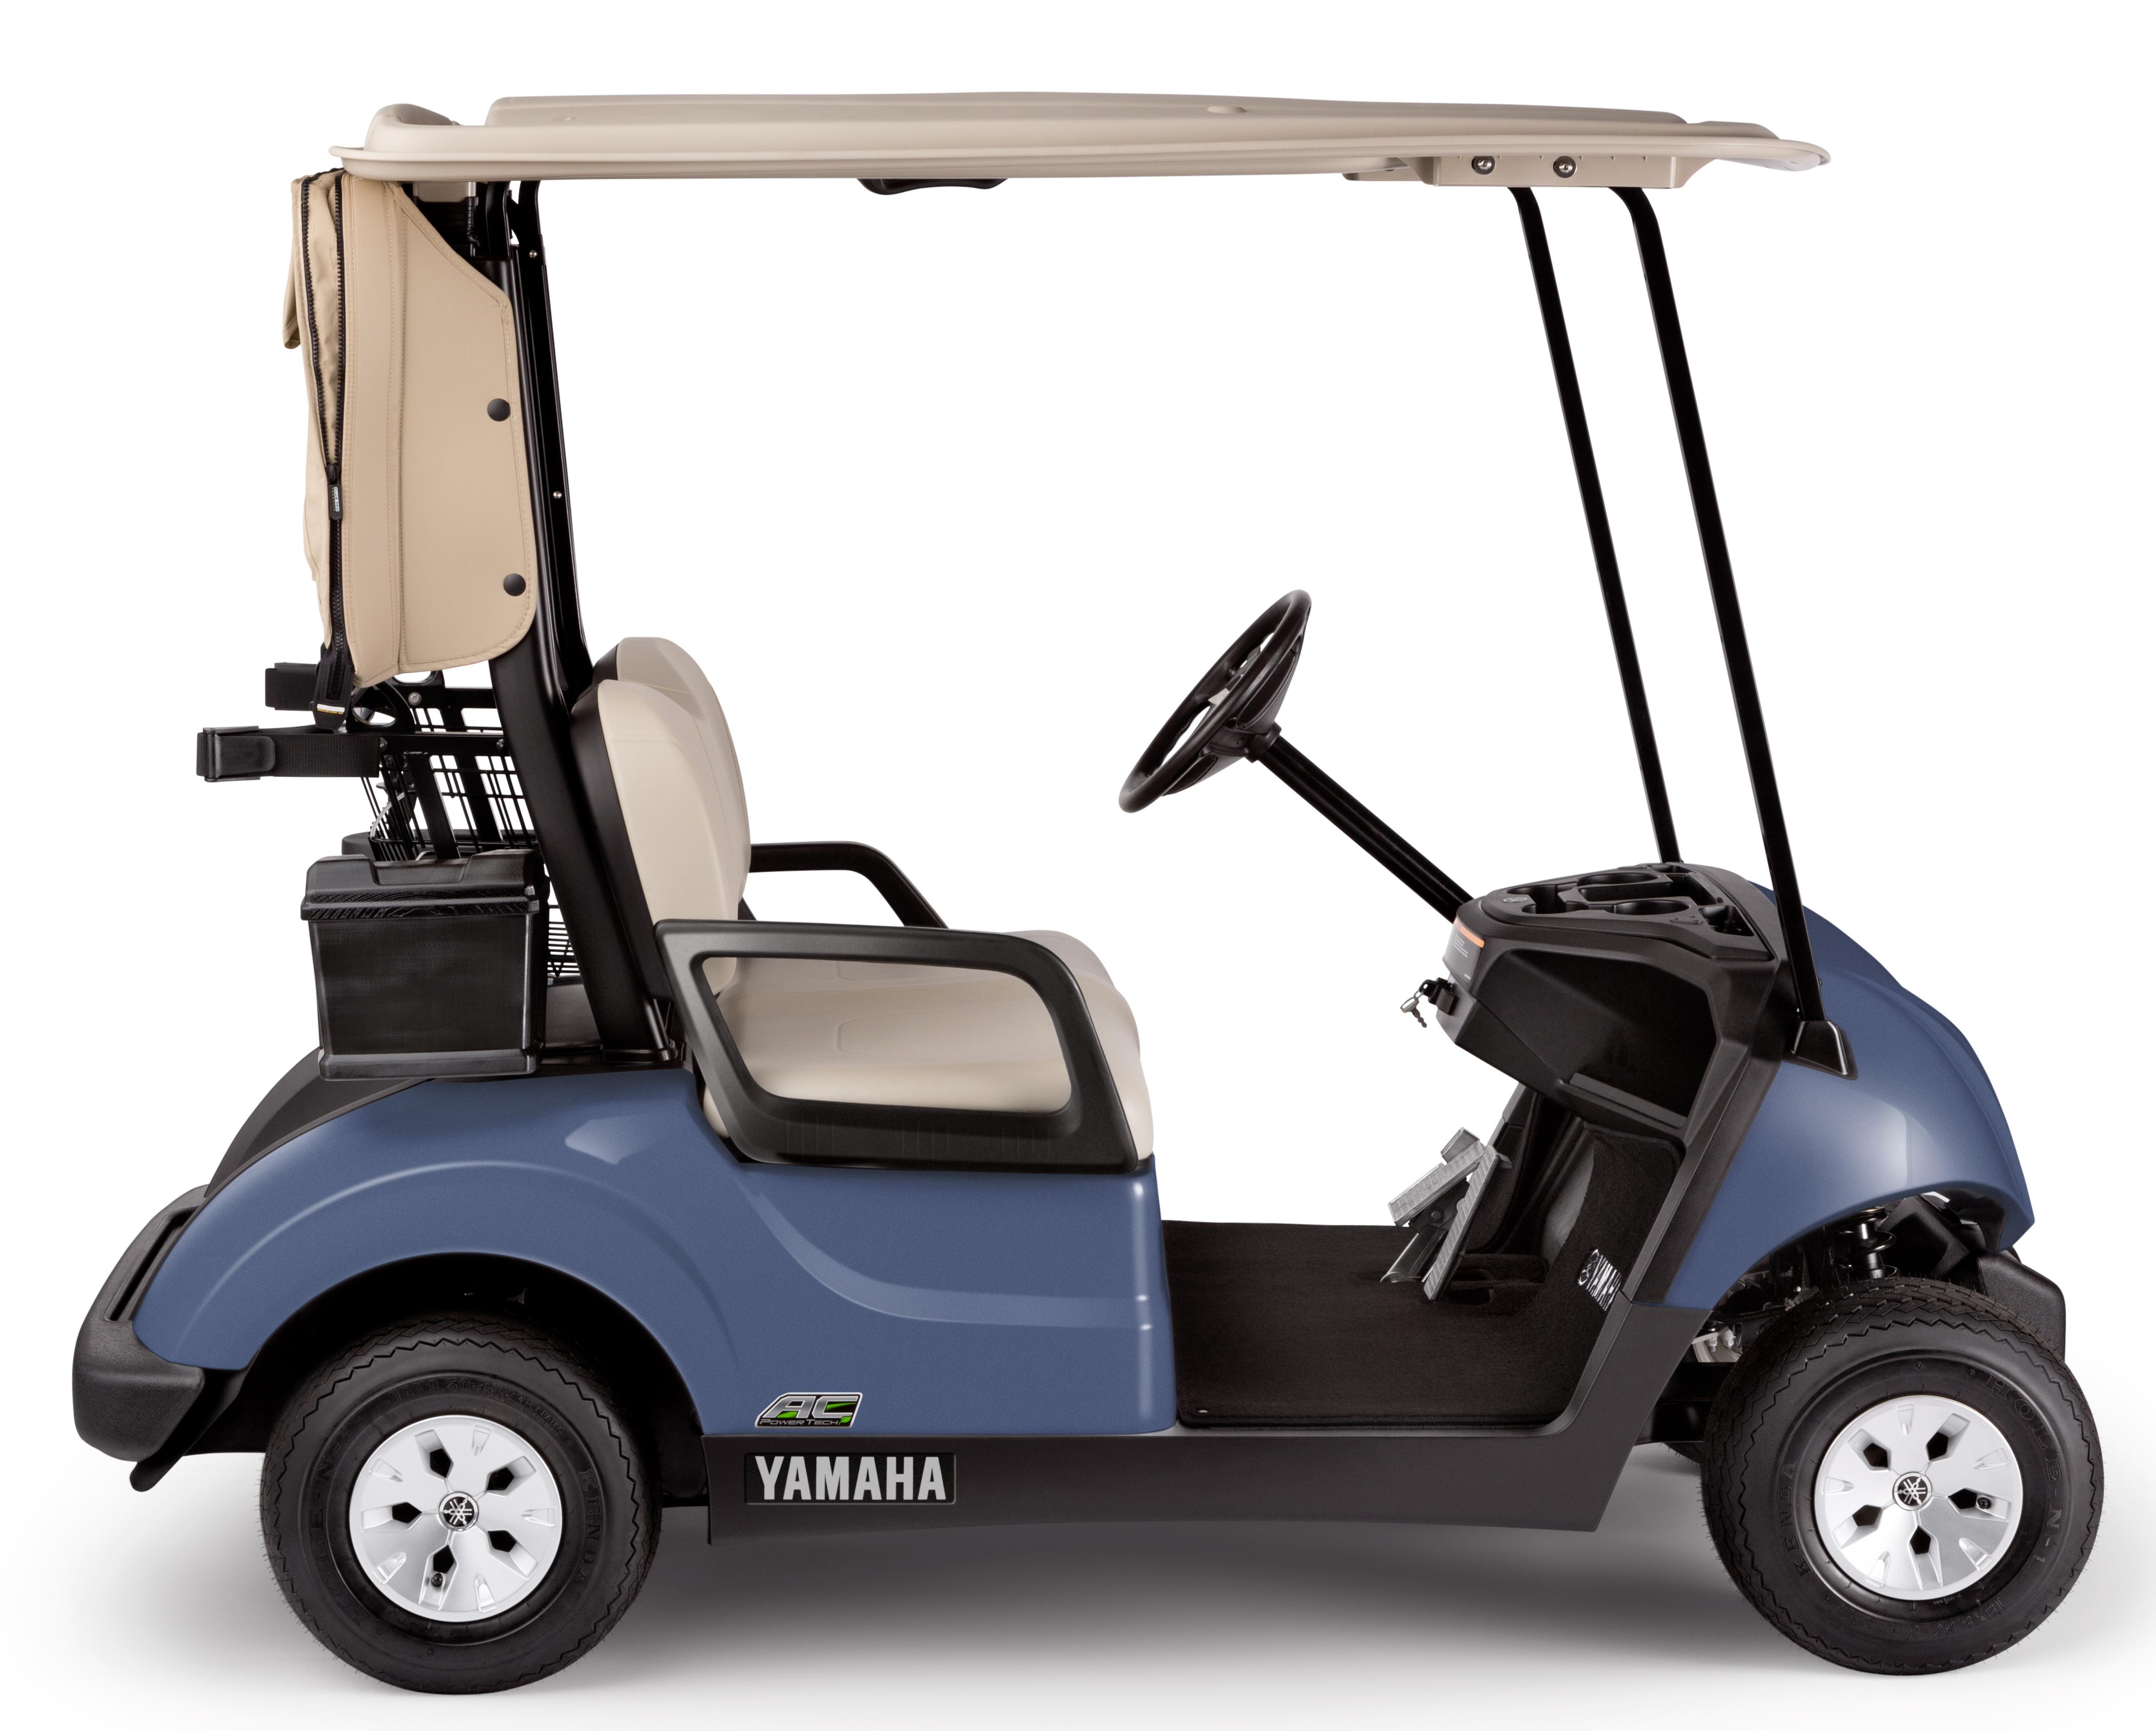 Yamaha Ydre Electric Golf Car